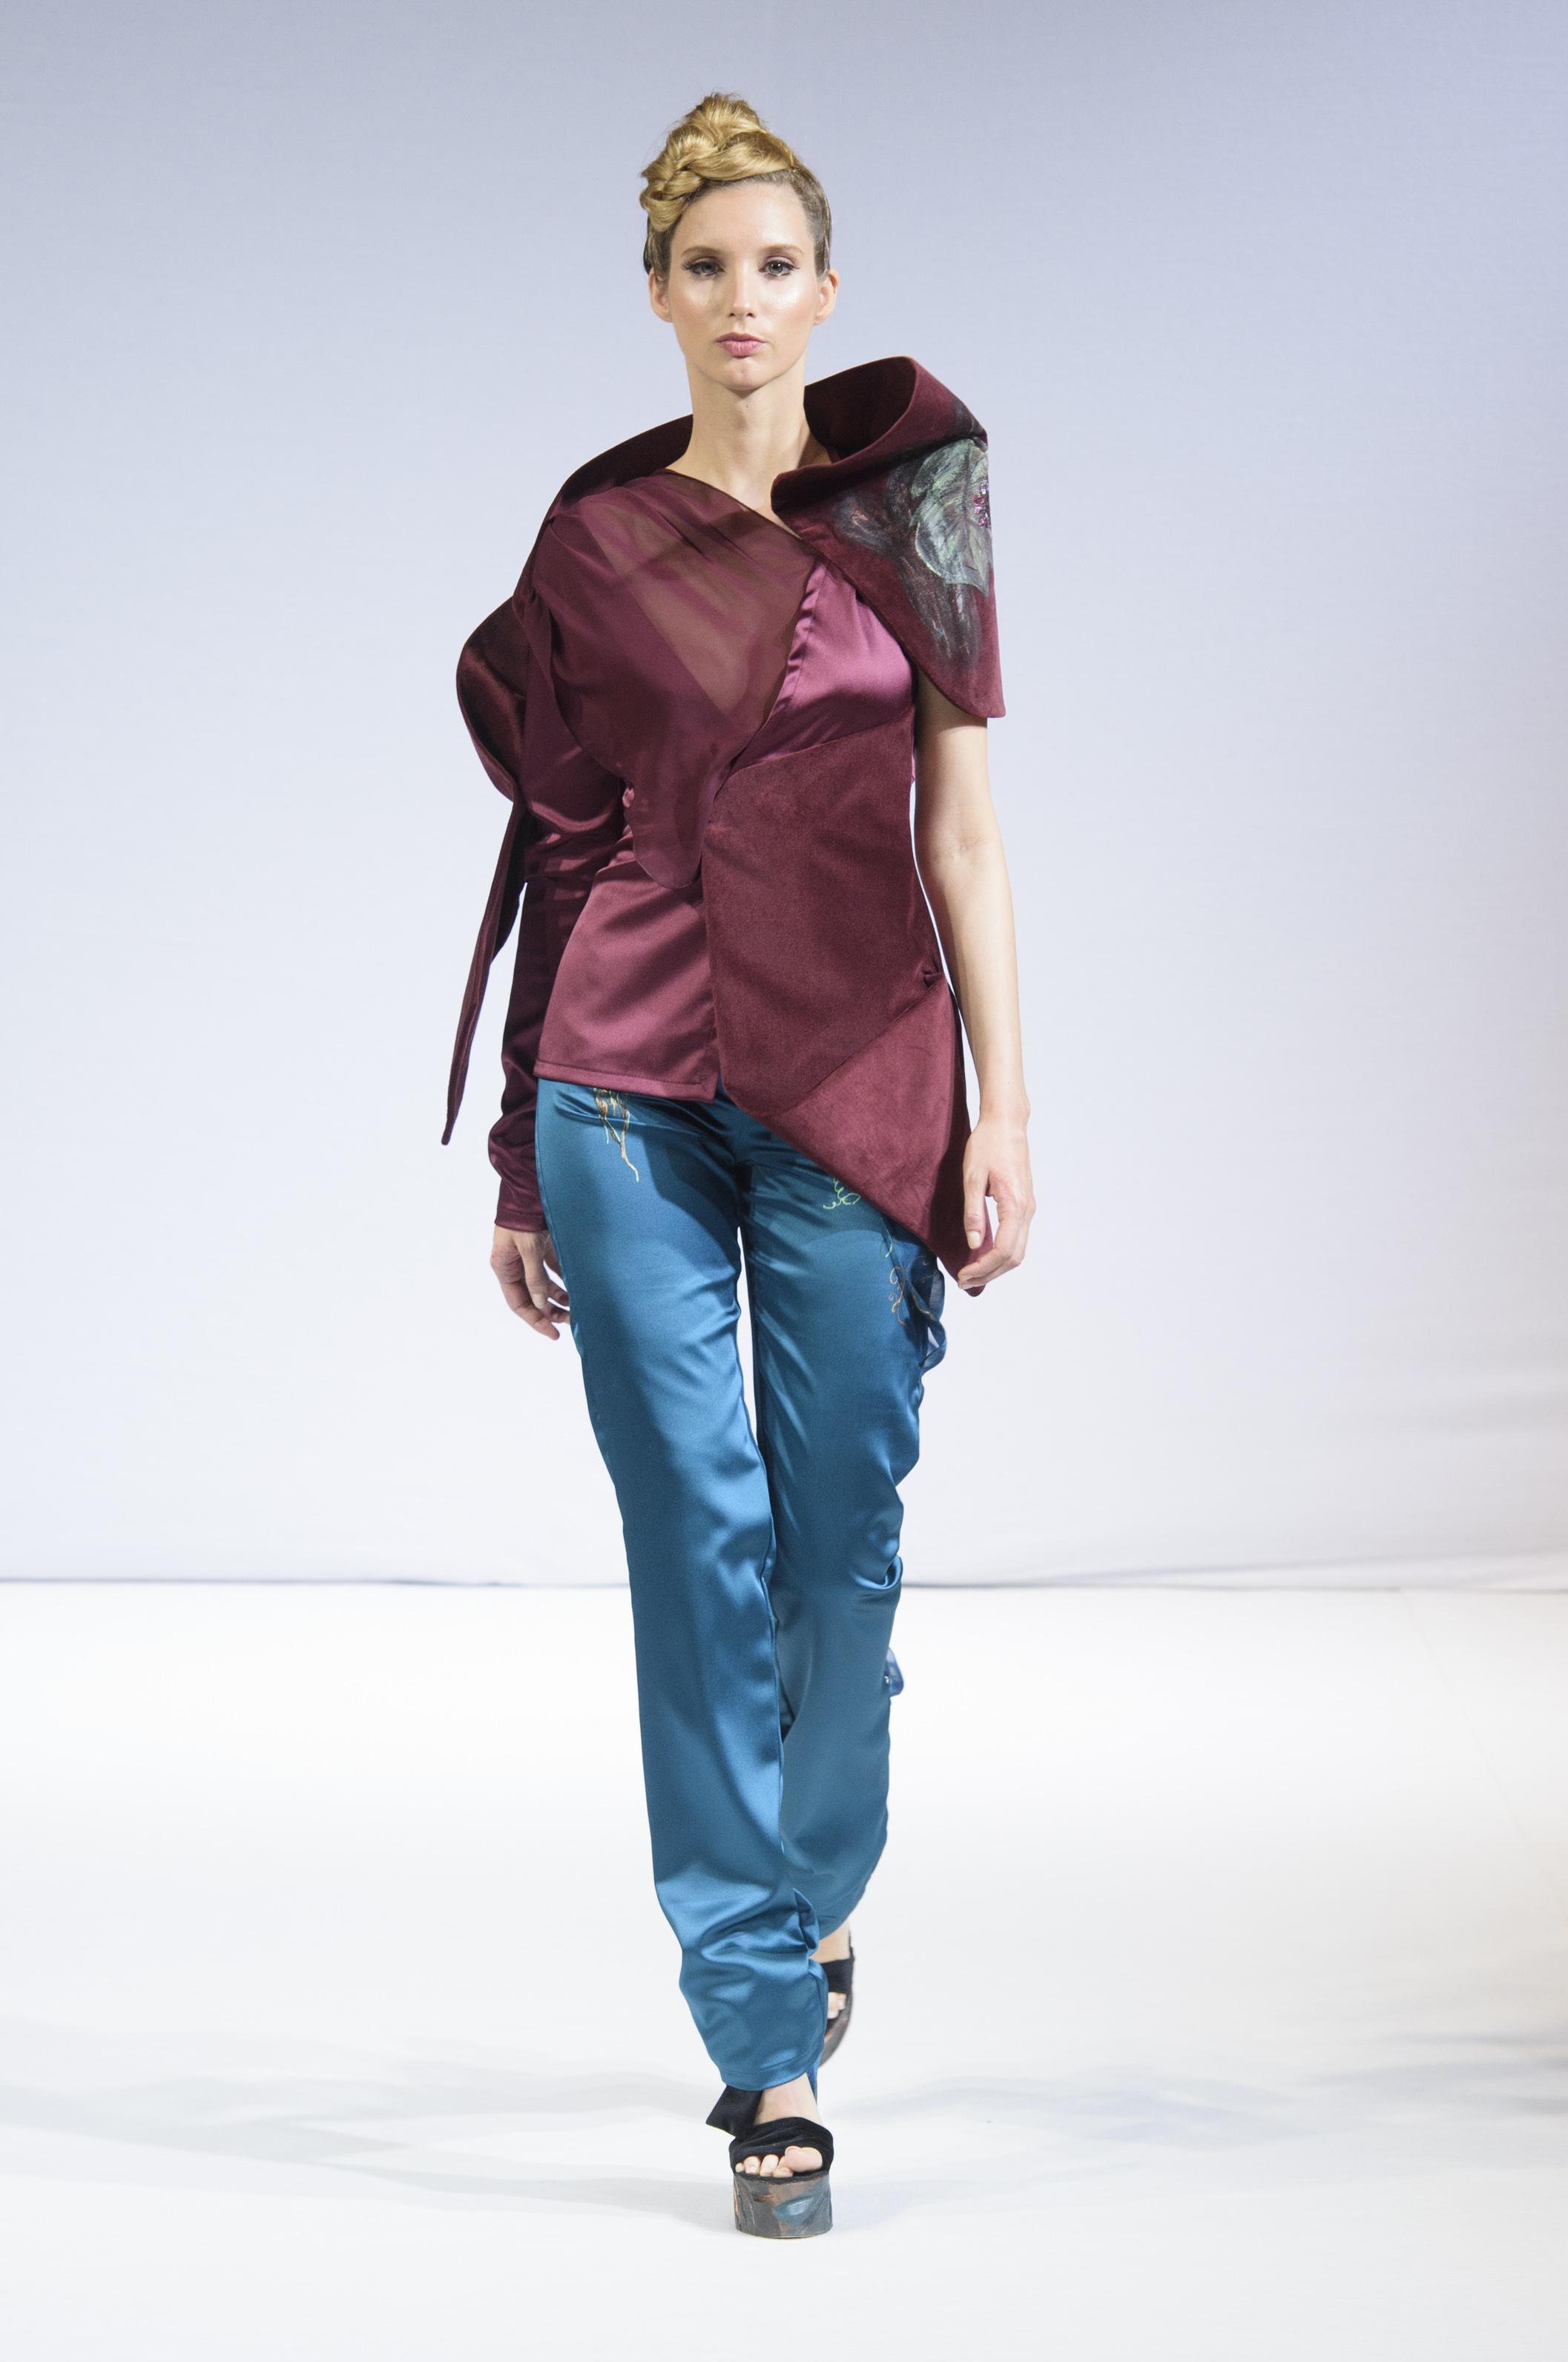 Patuna Hc Rf16 1295 Fashion Blog From The Fashion Blogger